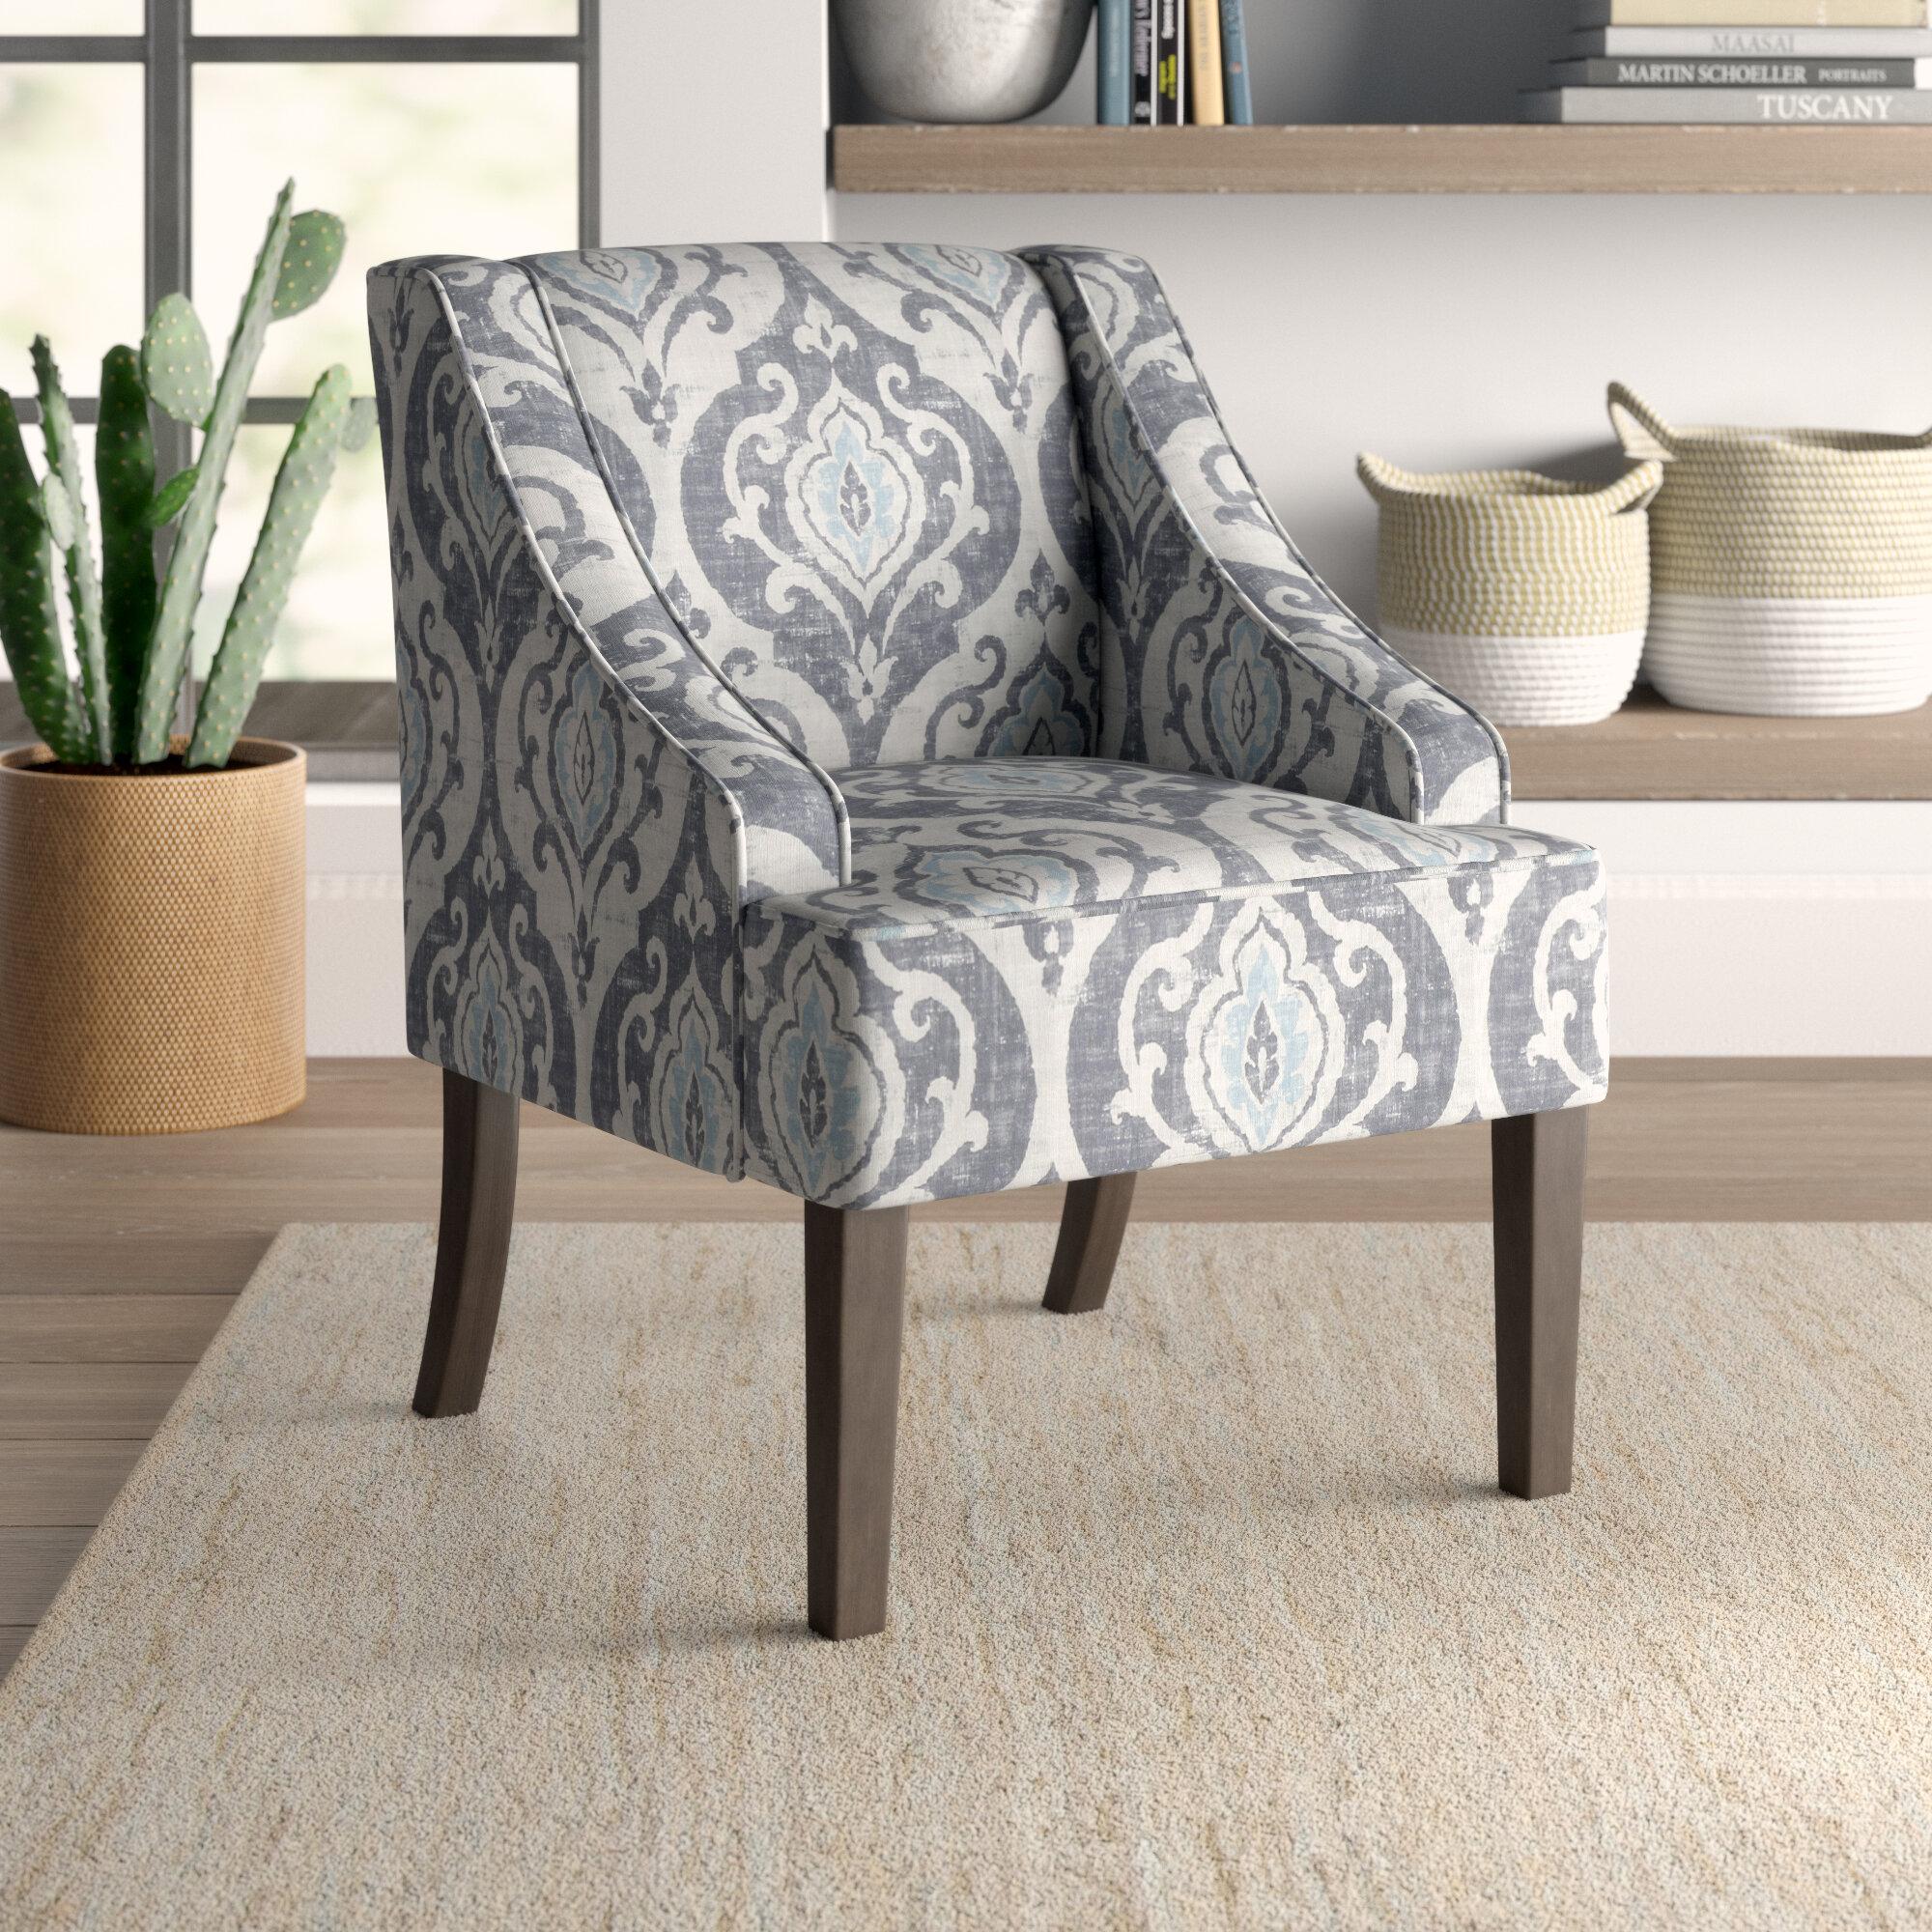 Adona Side Chair